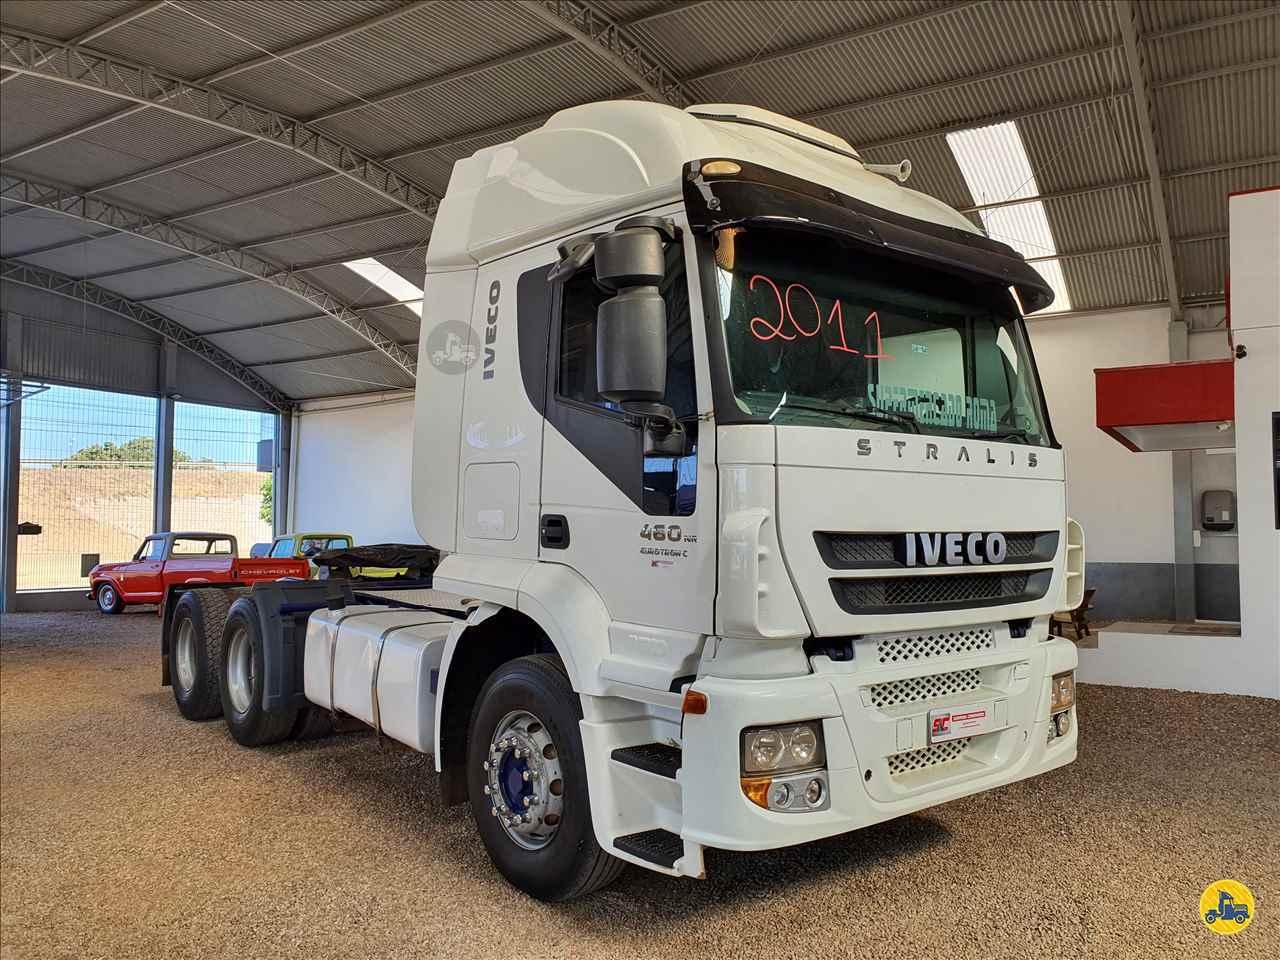 CAMINHAO IVECO STRALIS 460 Cavalo Mecânico Traçado 6x4 Sorriso Caminhões SORRISO MATO GROSSO MT